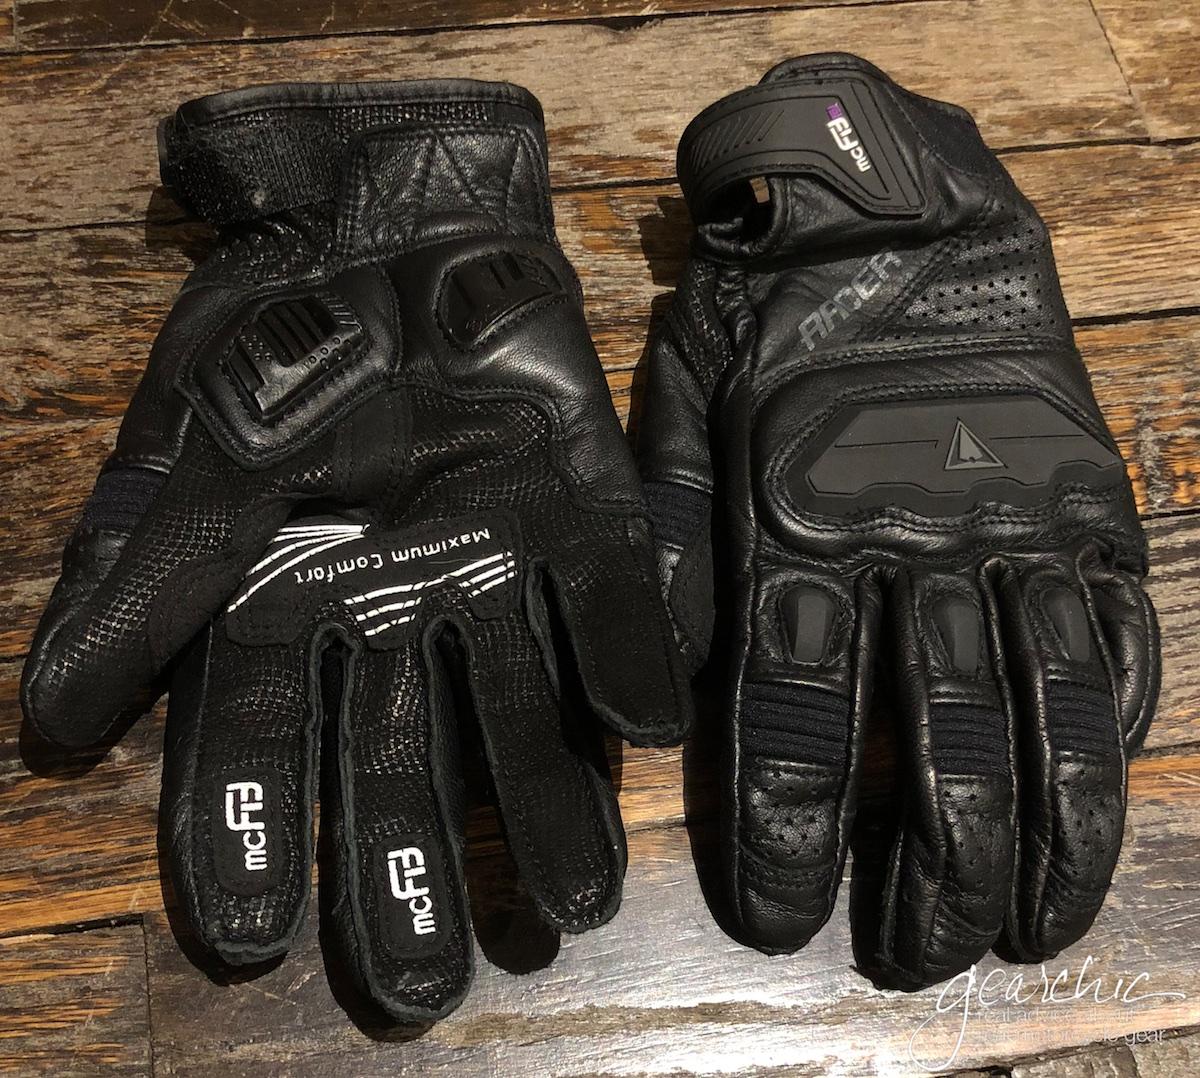 Racer Guide Gloves